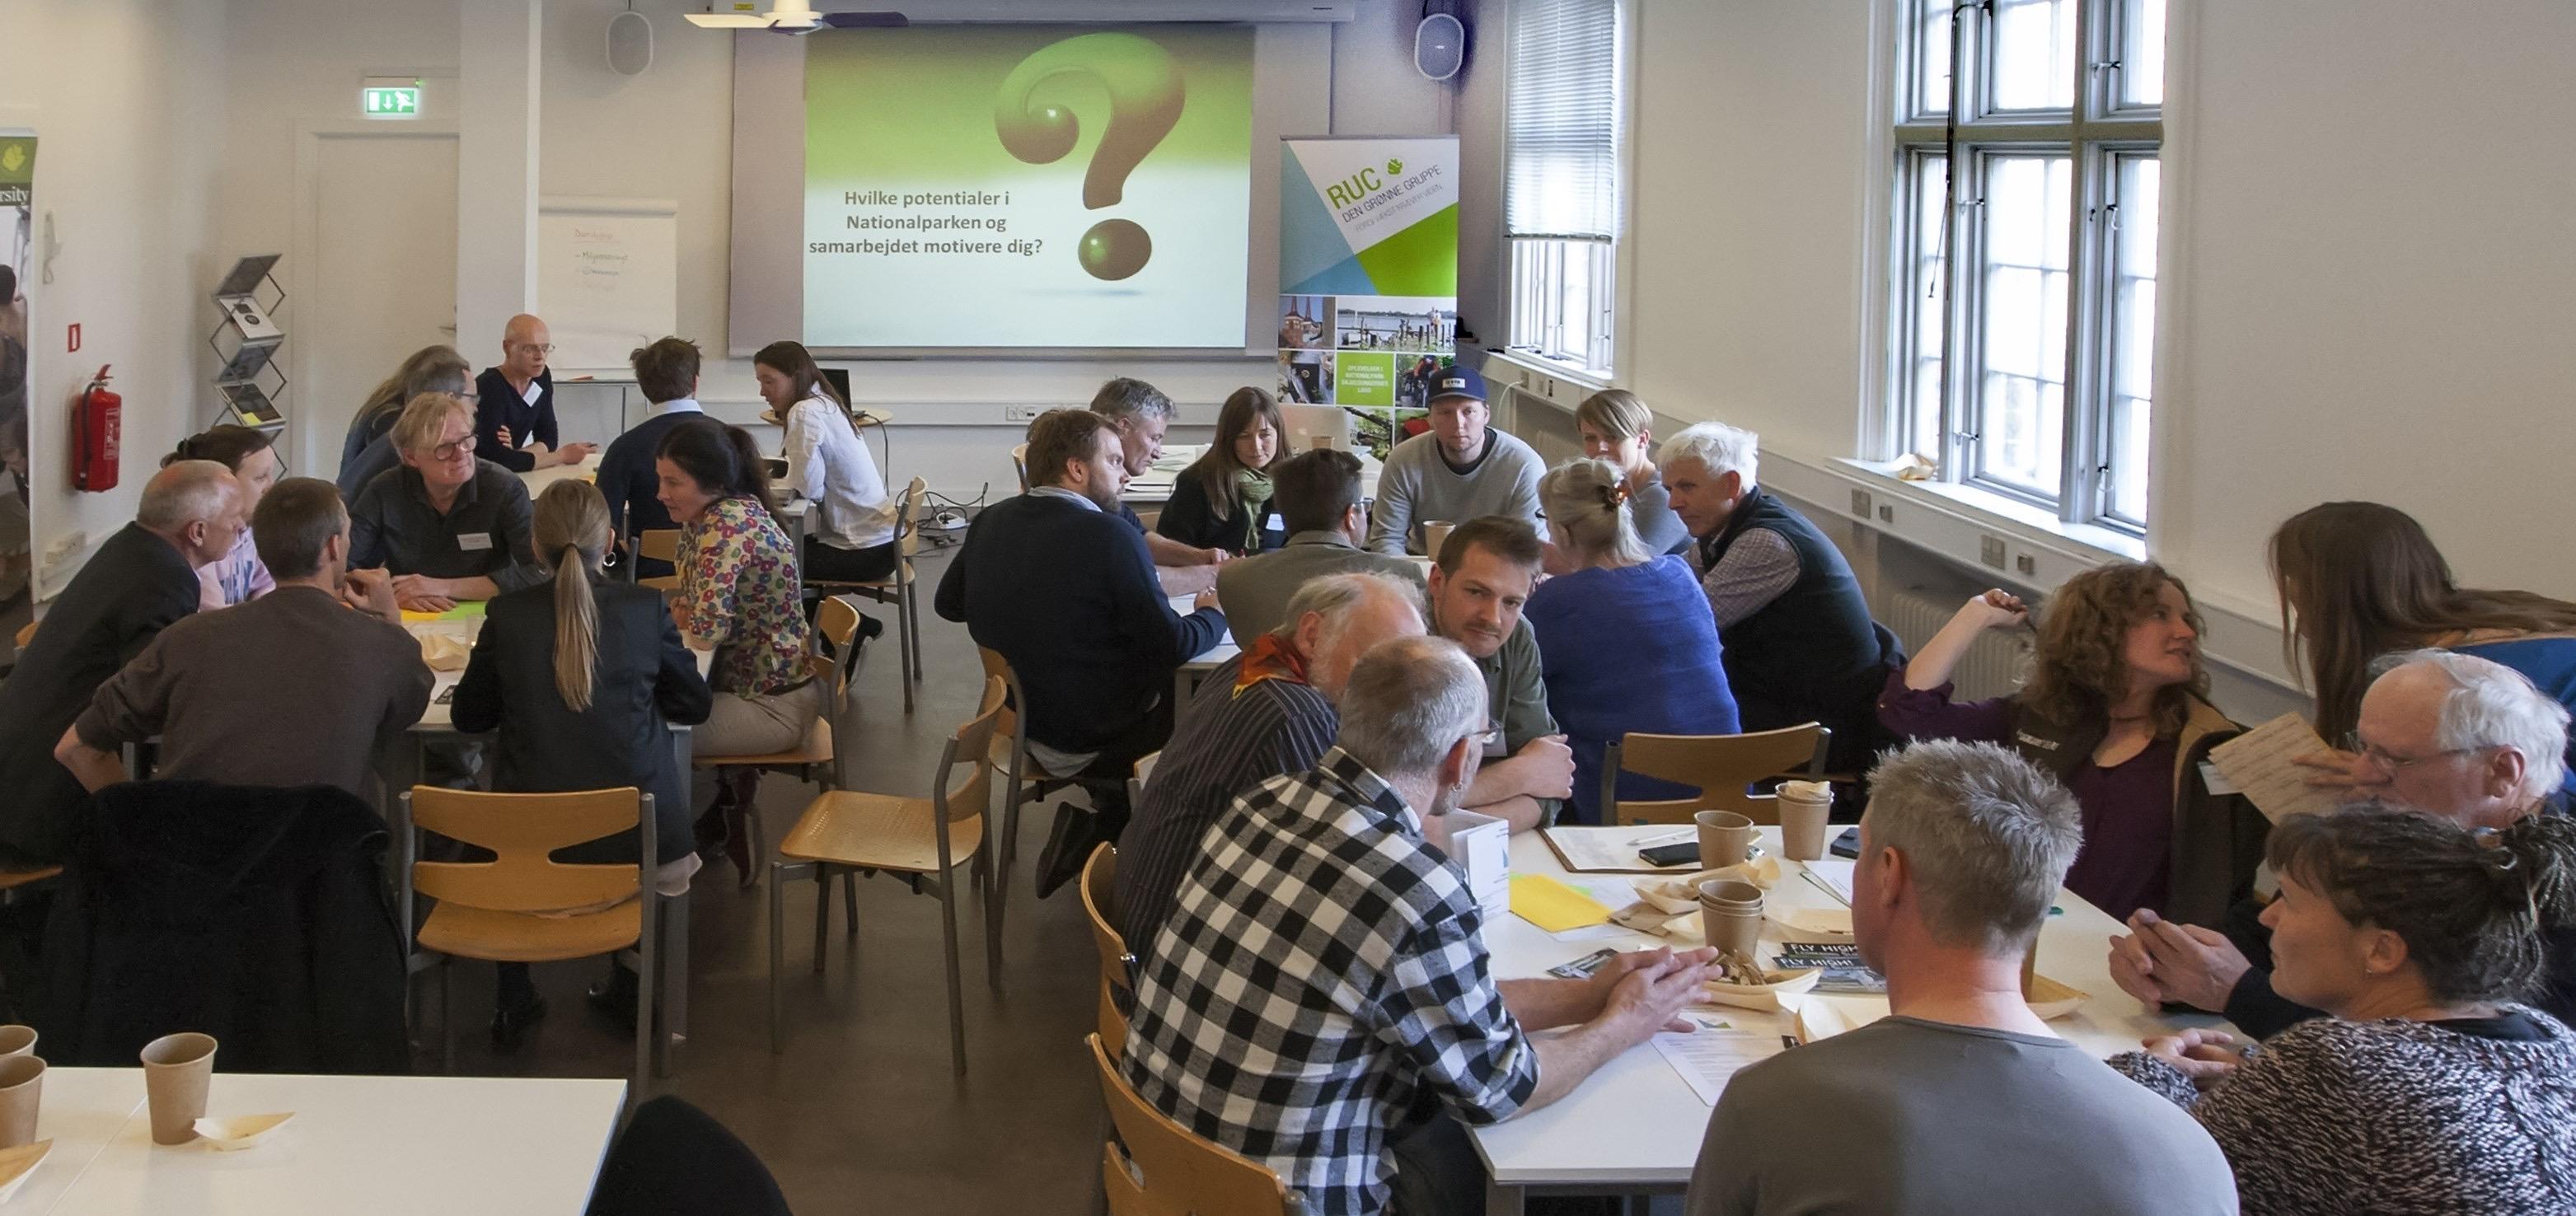 Den Grønne Gruppe har fokus på bæredygtig turisme. De samarbejder med lokale turismeerhverv for at tiltrække flere naturentusiater og promovere den bæredygtige profil